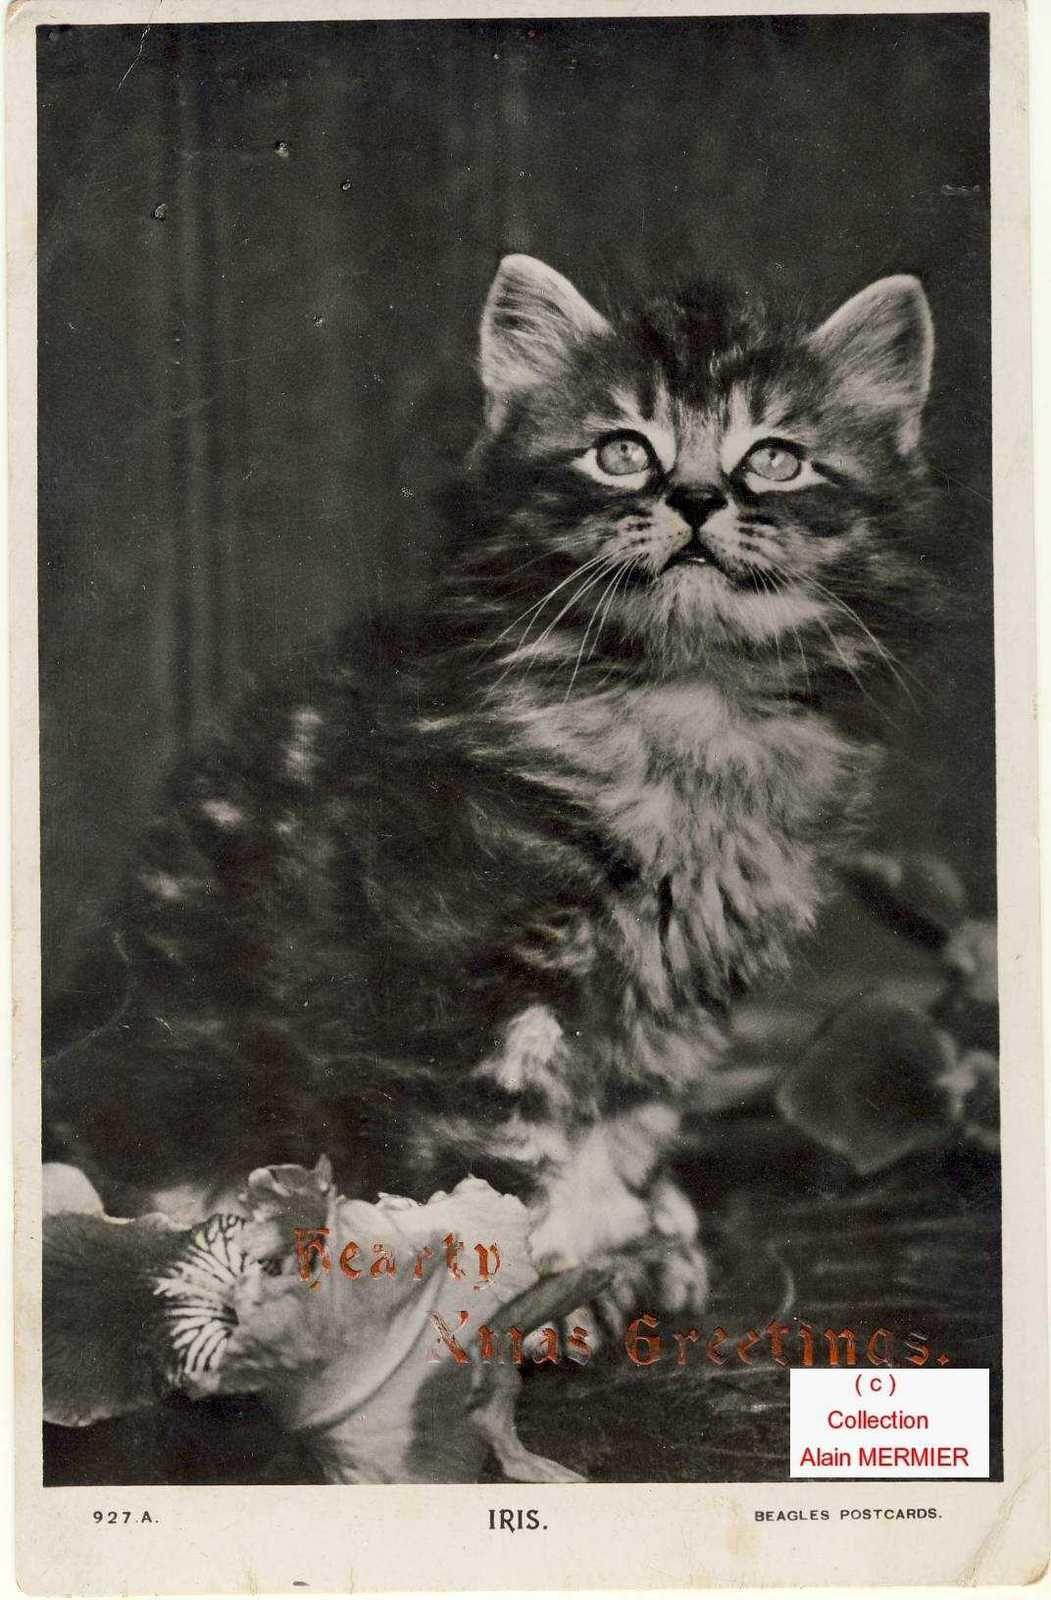 Iris -2227- Hearty Xmas greetings. Cat. USA.